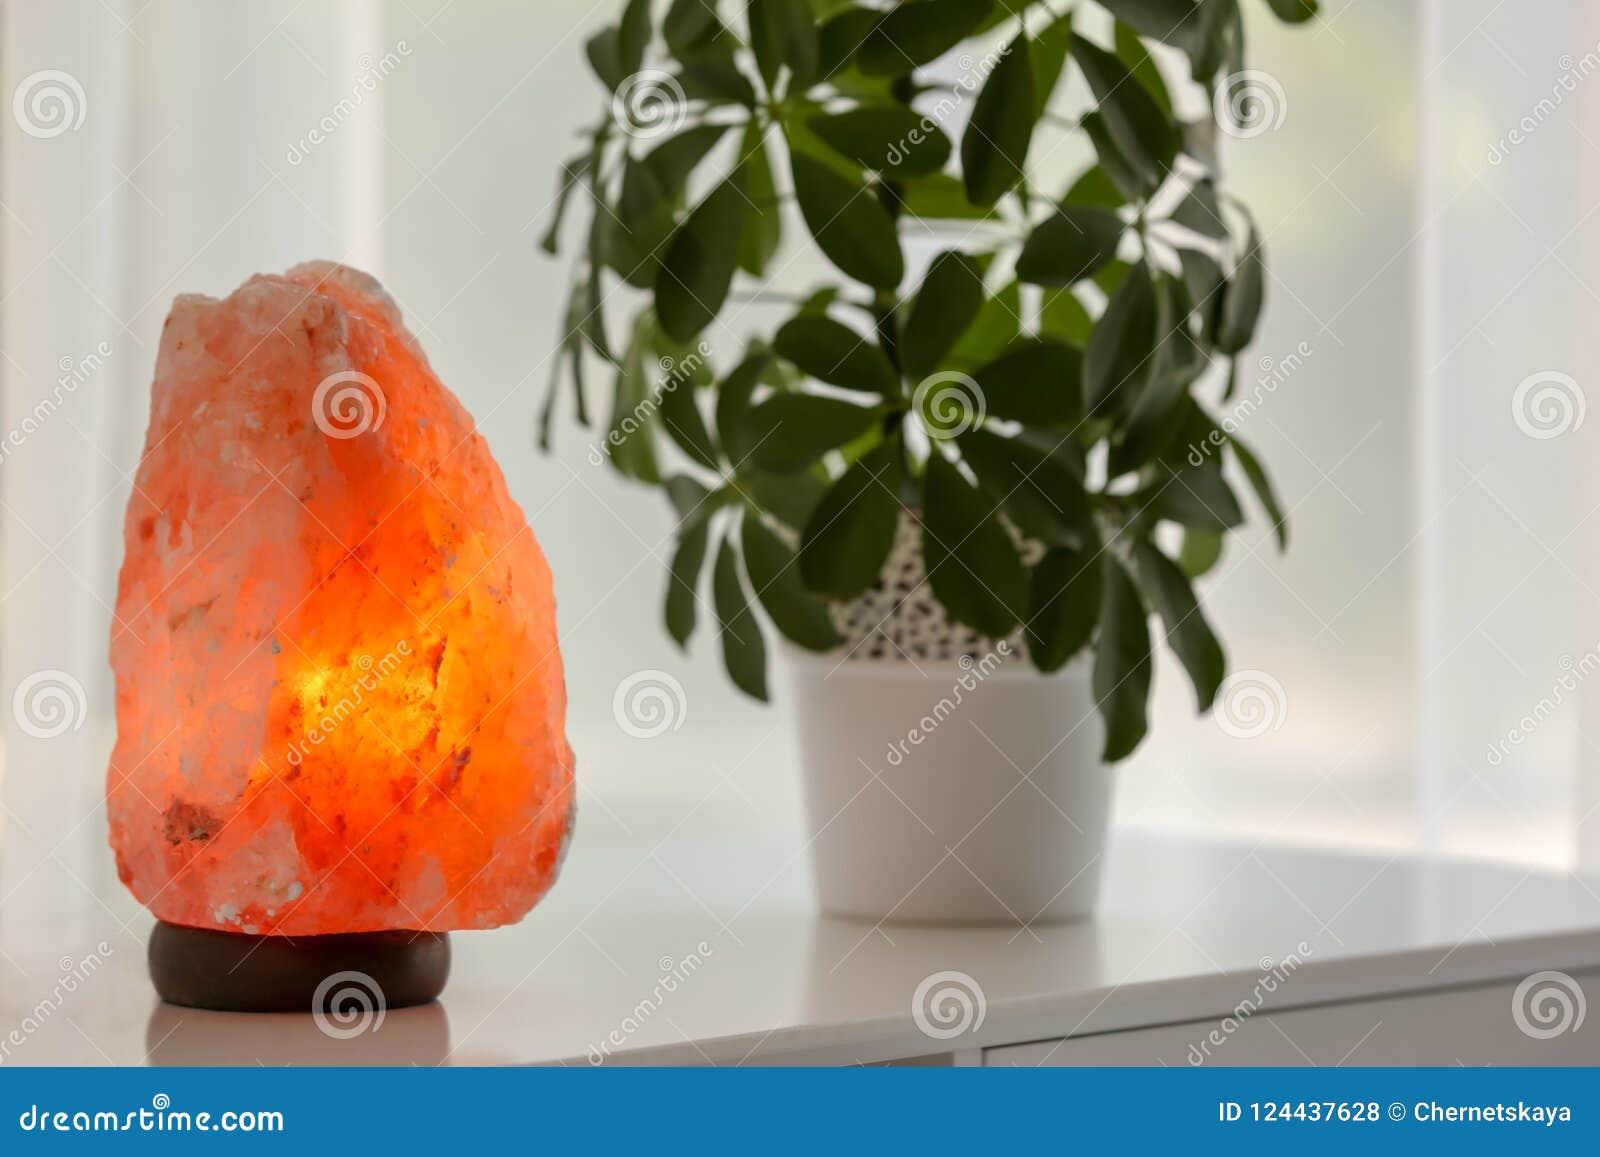 Exotische Himalajasalzlampe